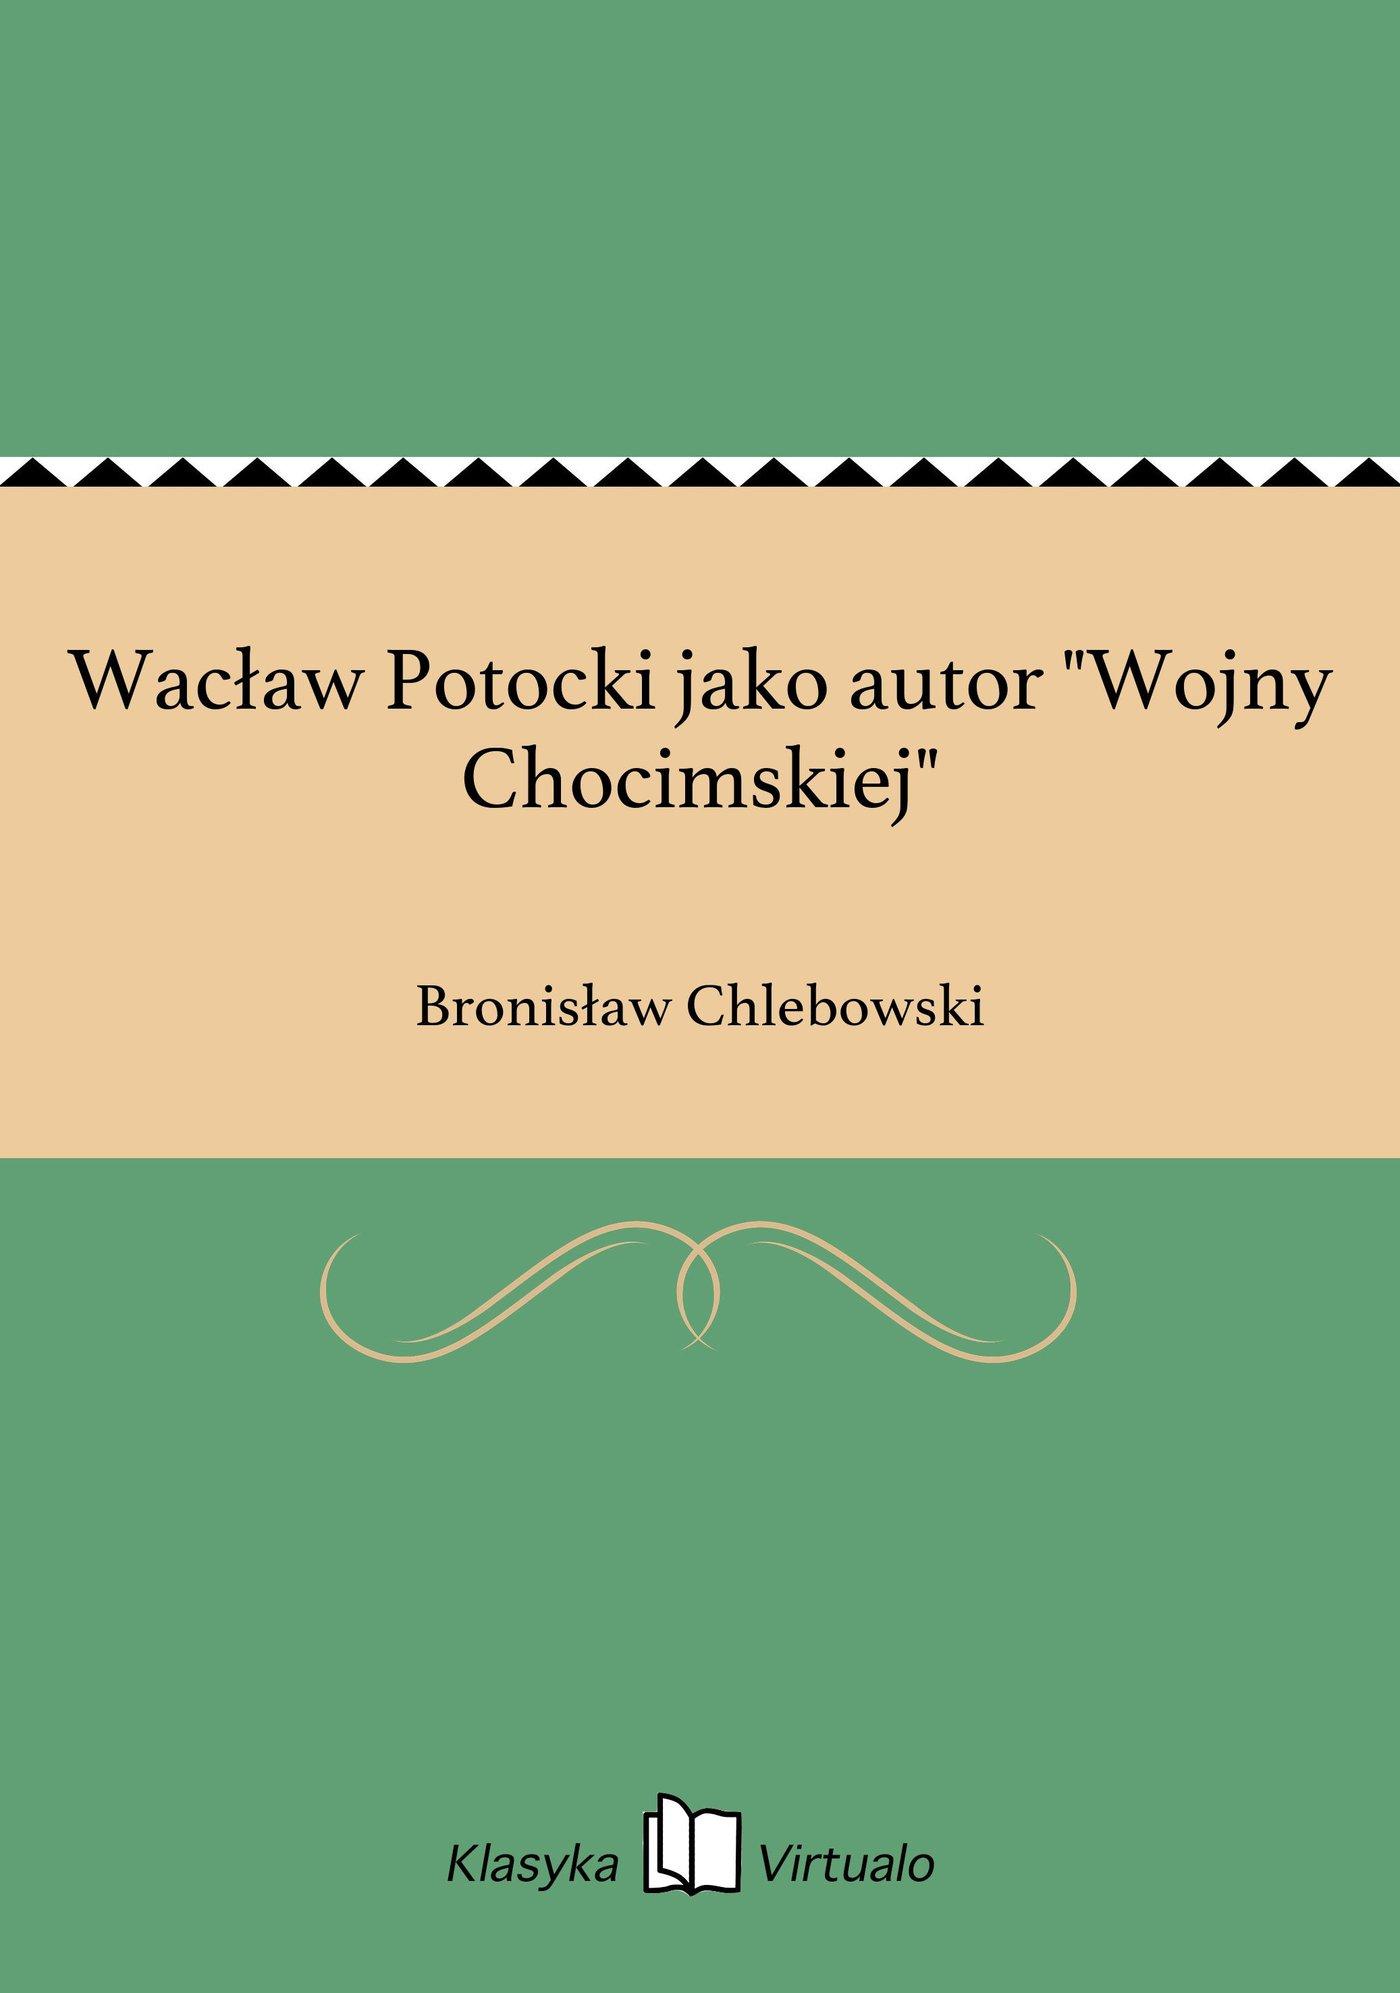 """Wacław Potocki jako autor """"Wojny Chocimskiej"""" - Ebook (Książka EPUB) do pobrania w formacie EPUB"""